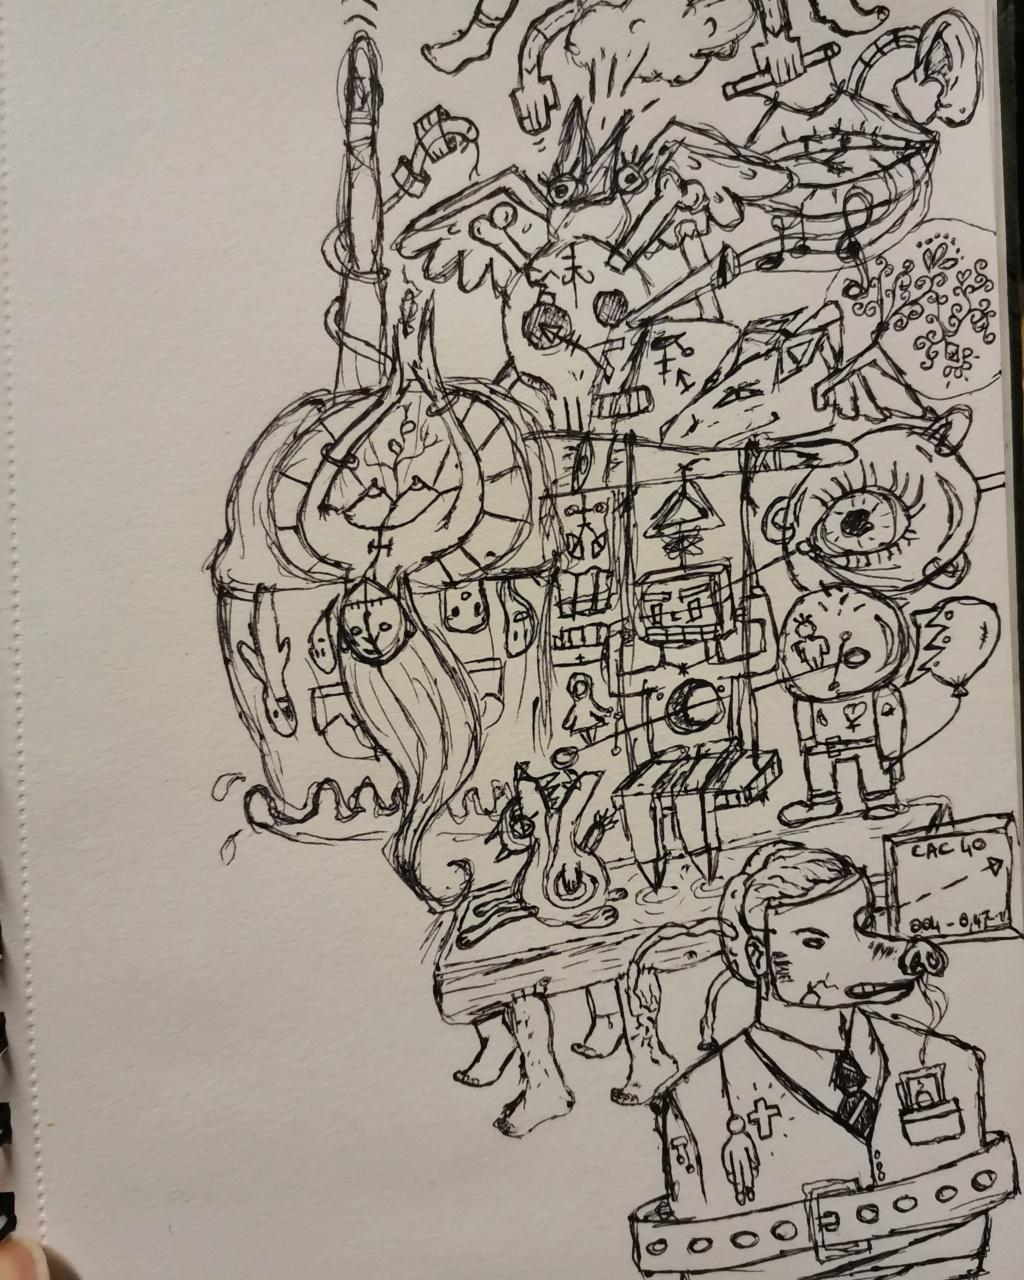 Un dessin par jour, qui veut jouer? - Page 19 Img_2032